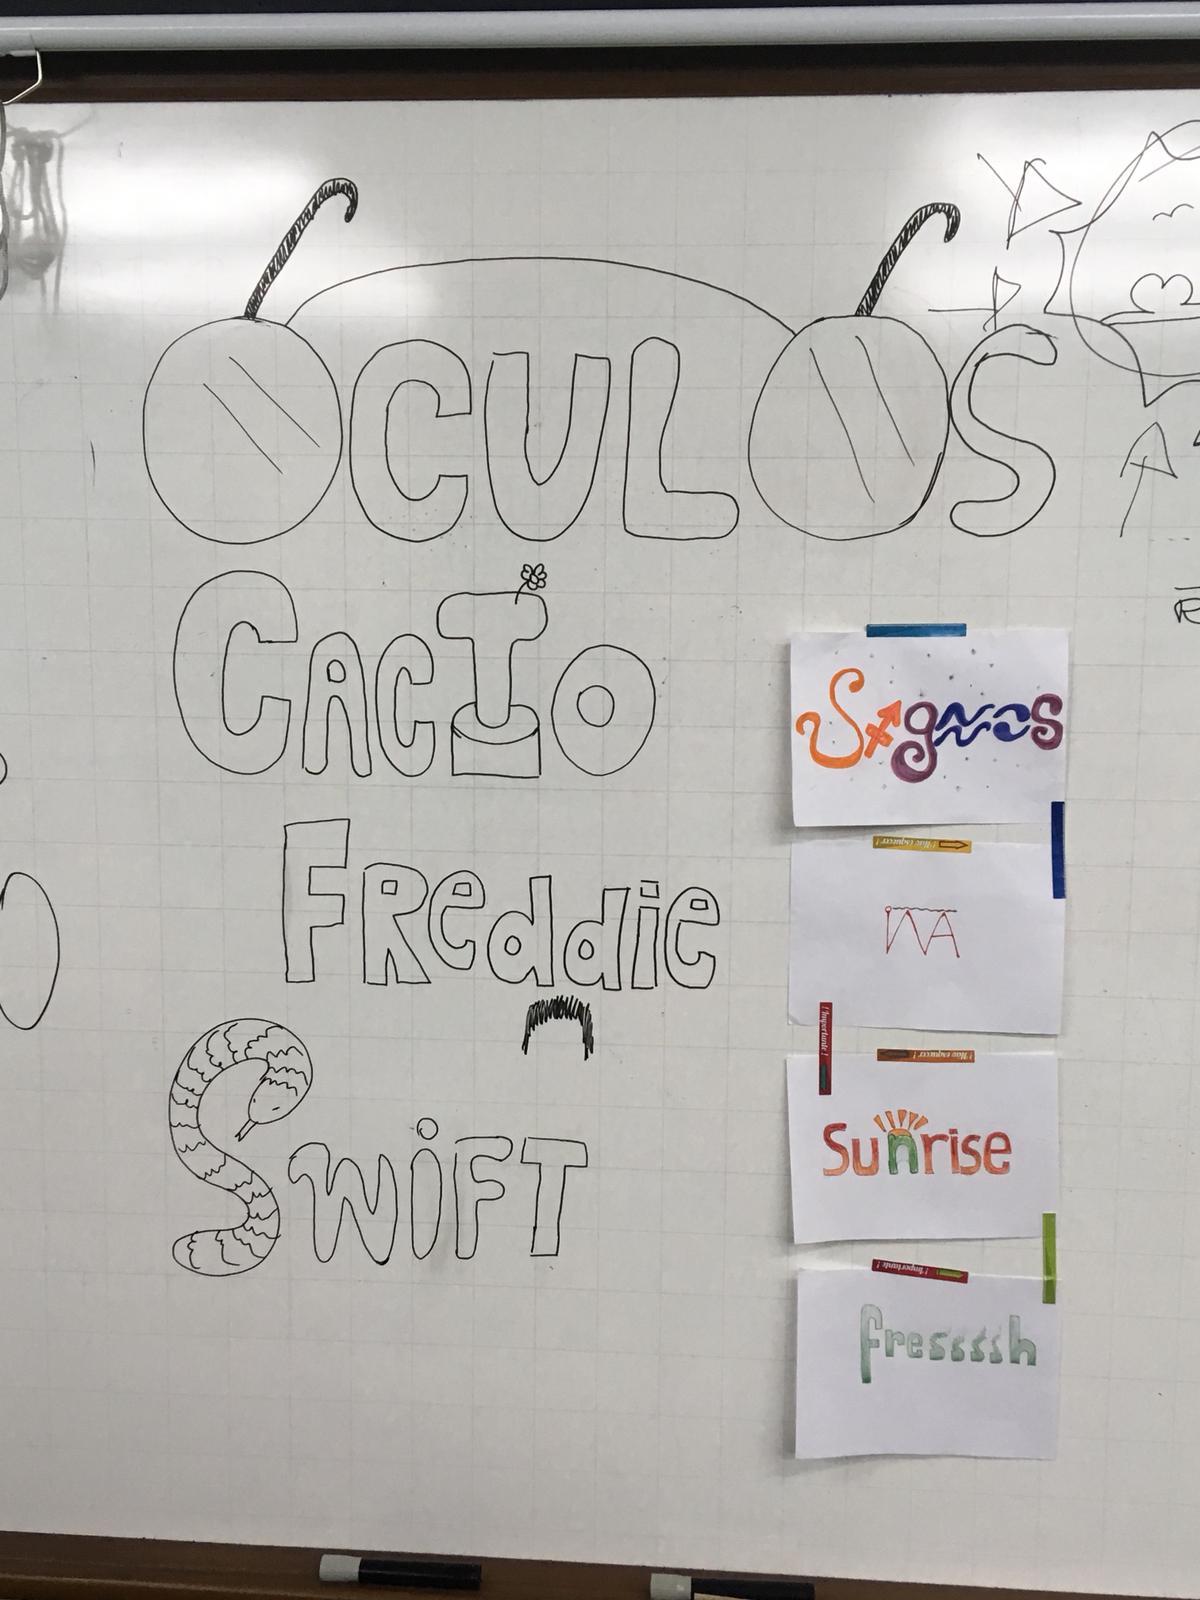 Atividade realizada pelos alunos no quadro